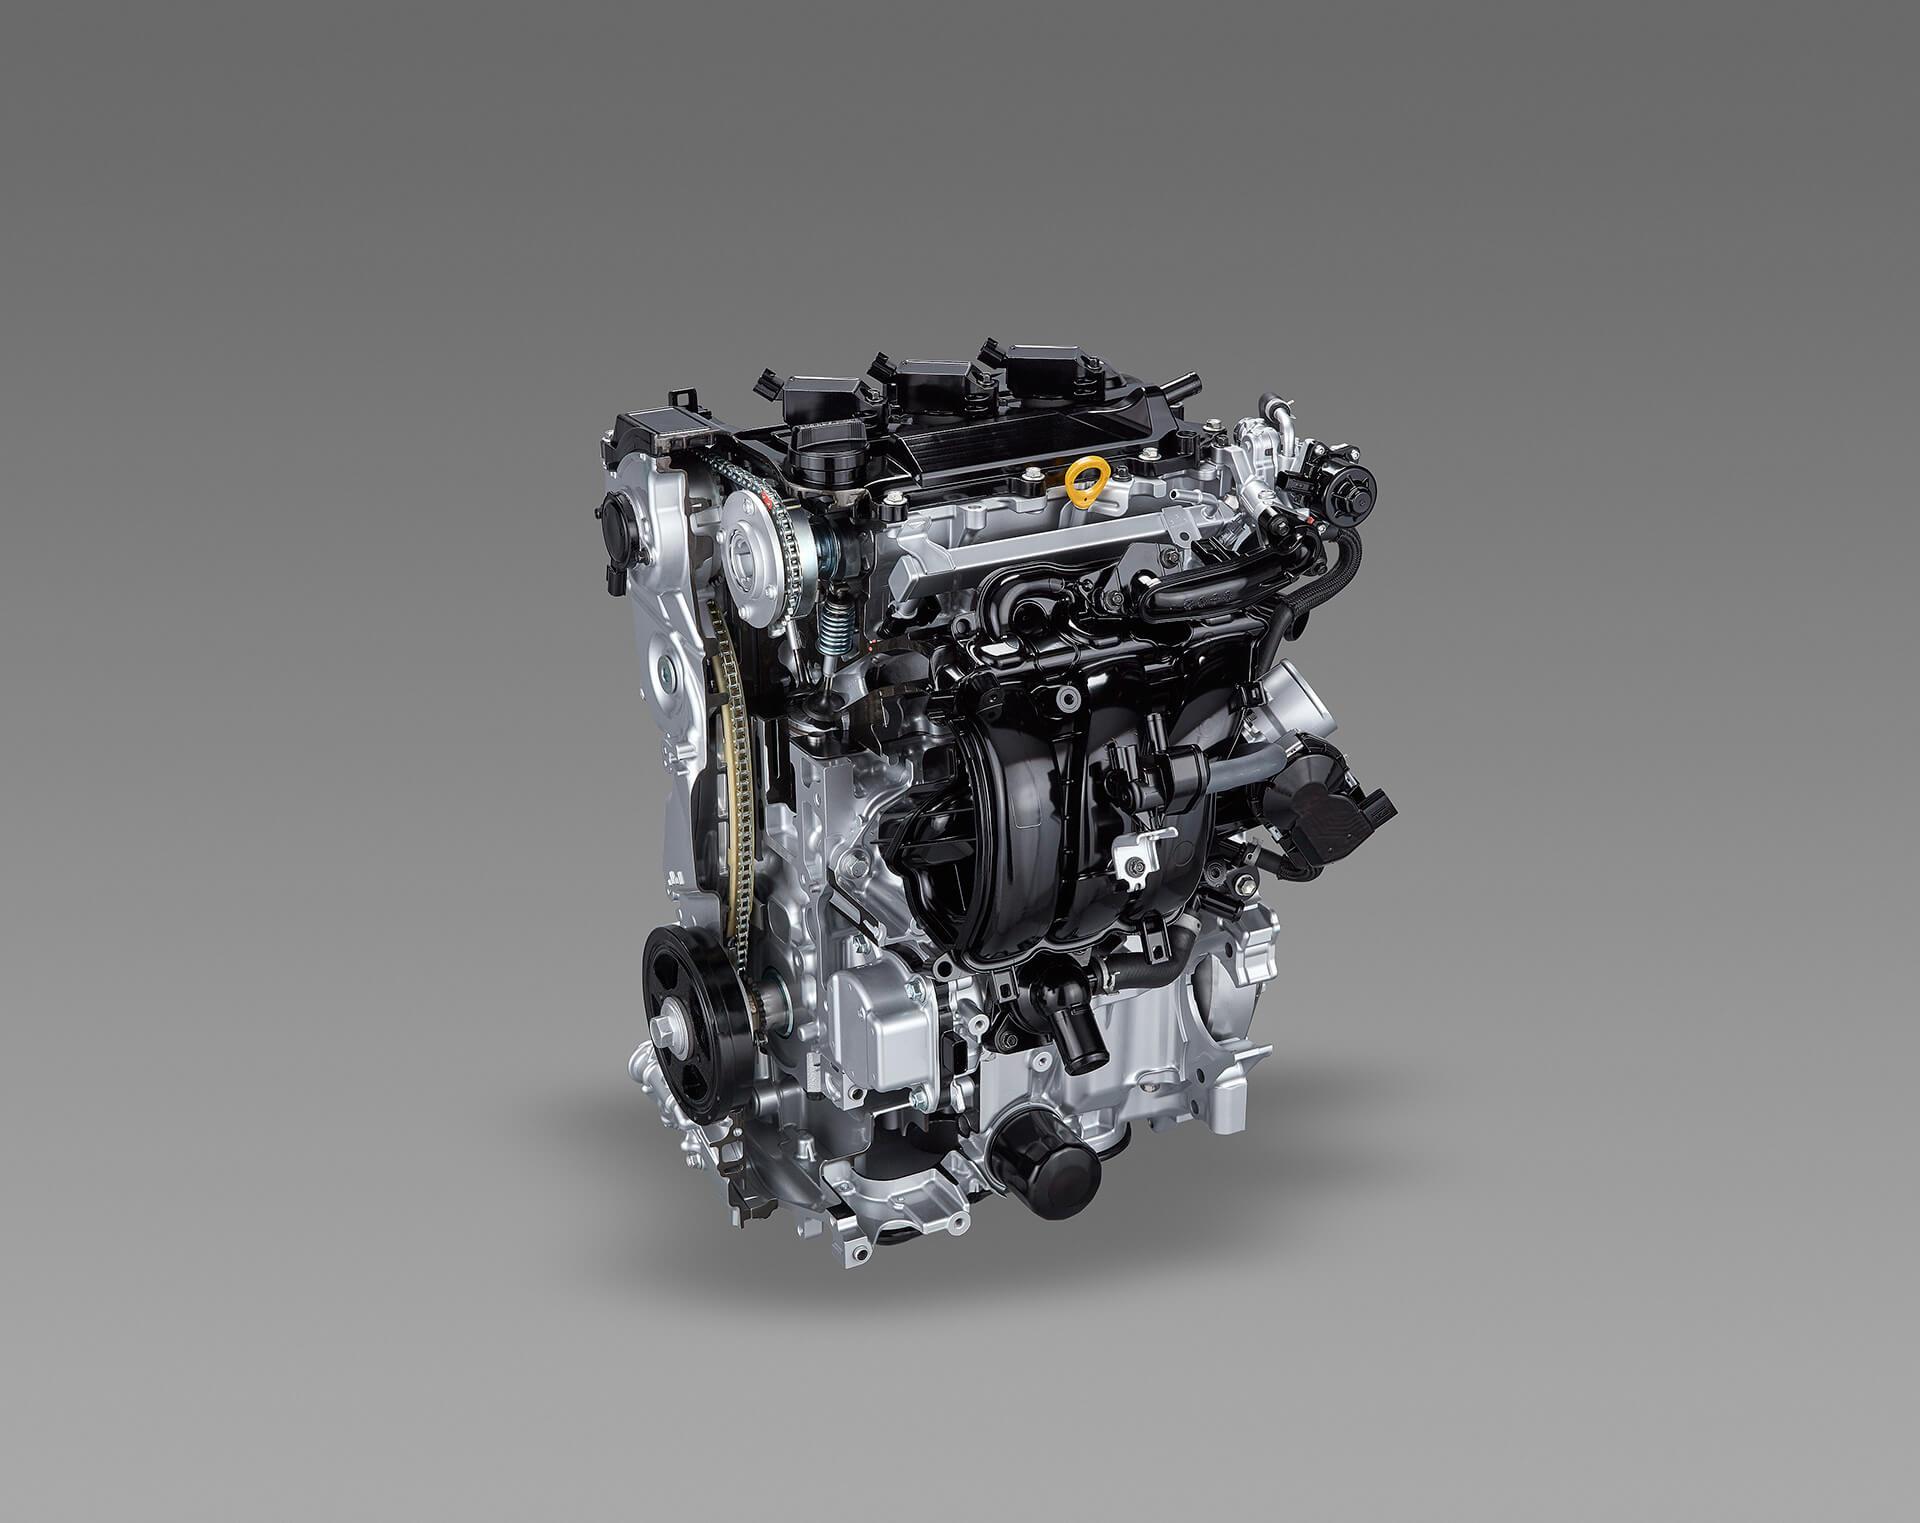 トヨタ ヤリス 1.5Lダイナミックフォースハイブリッドエンジン